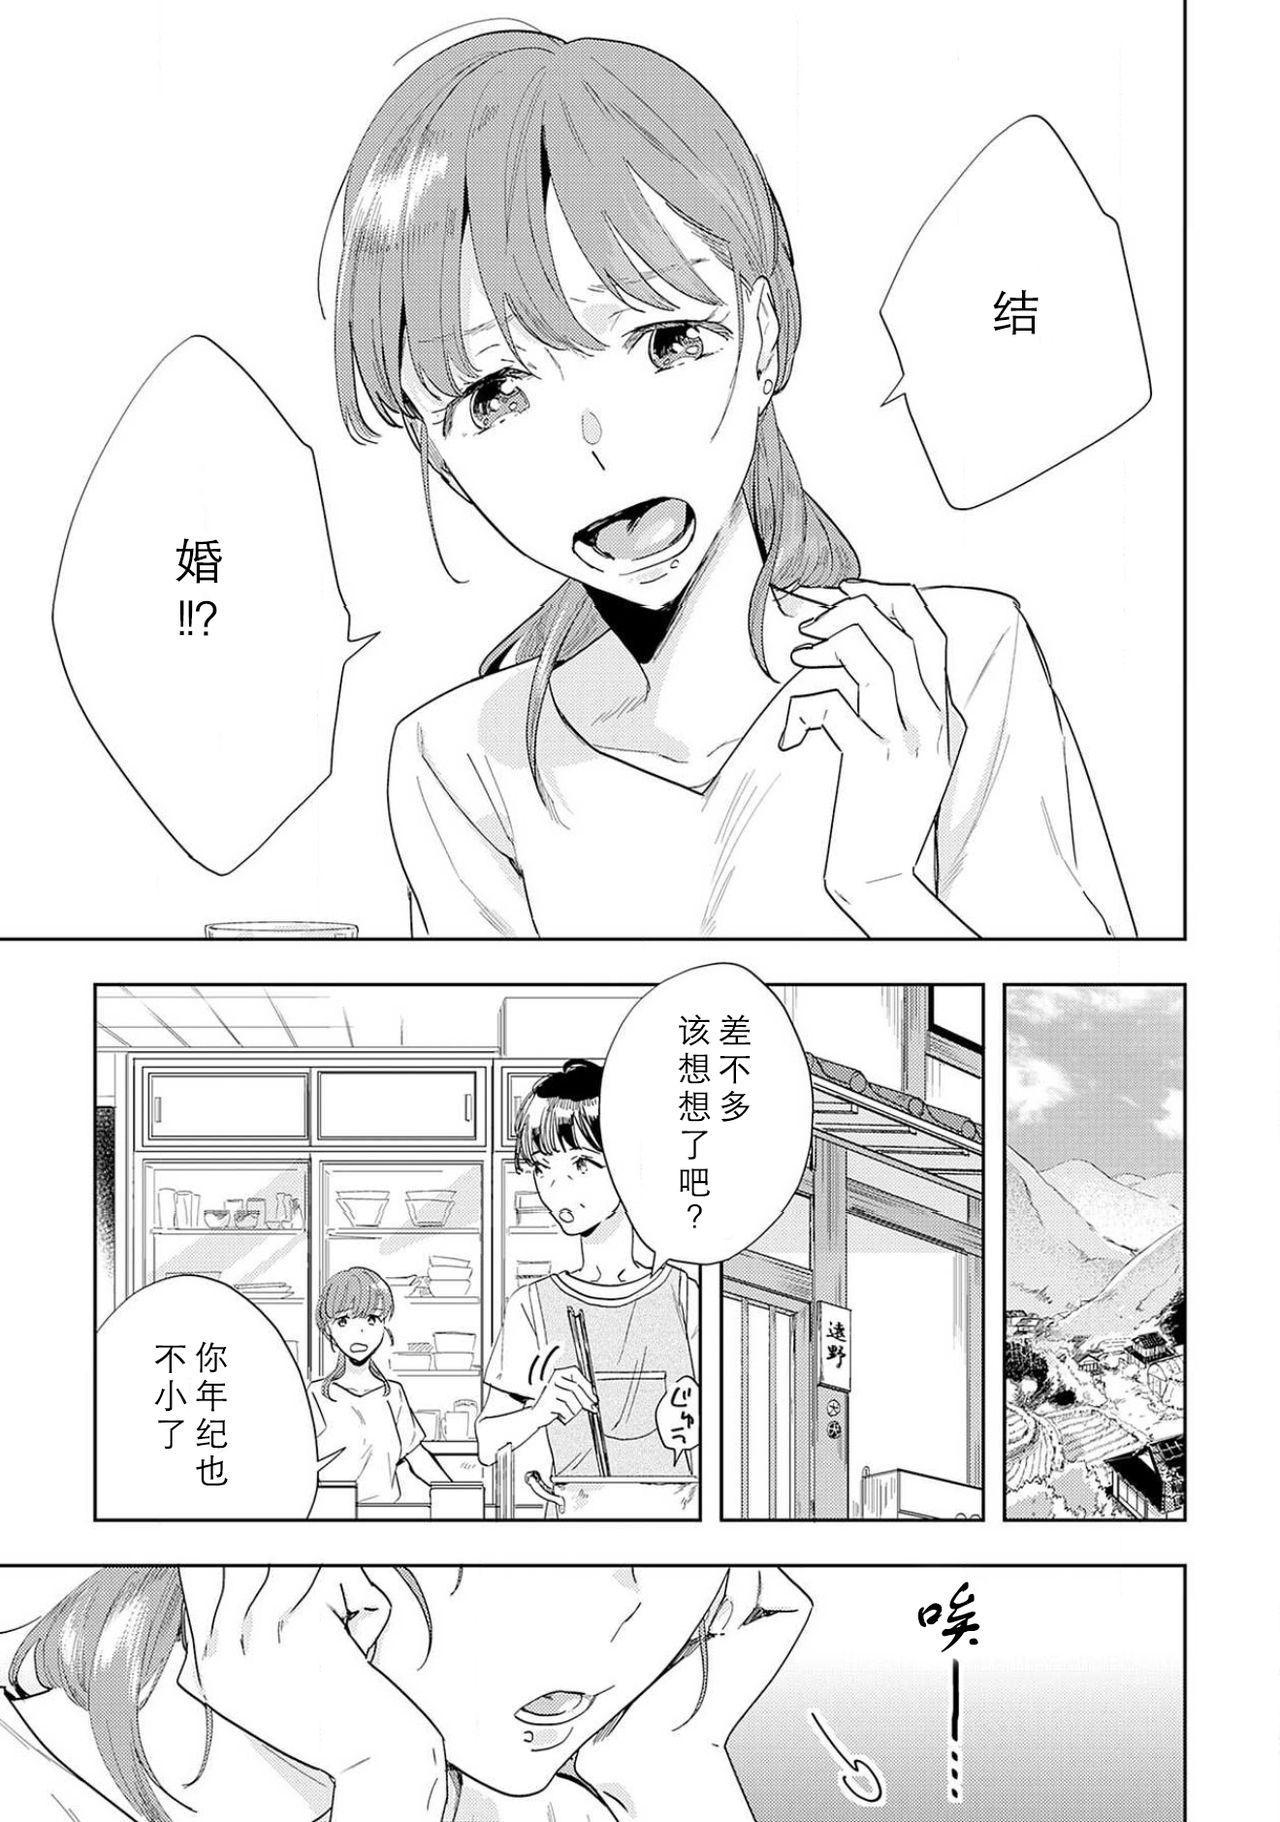 [Hachikawa Kyuu] Kami-sama to Ikenie H Keiyaku Shichaimashita | 我与神明大人签订了祭品H契约 1-3 [Chinese] [莉赛特汉化组] 1